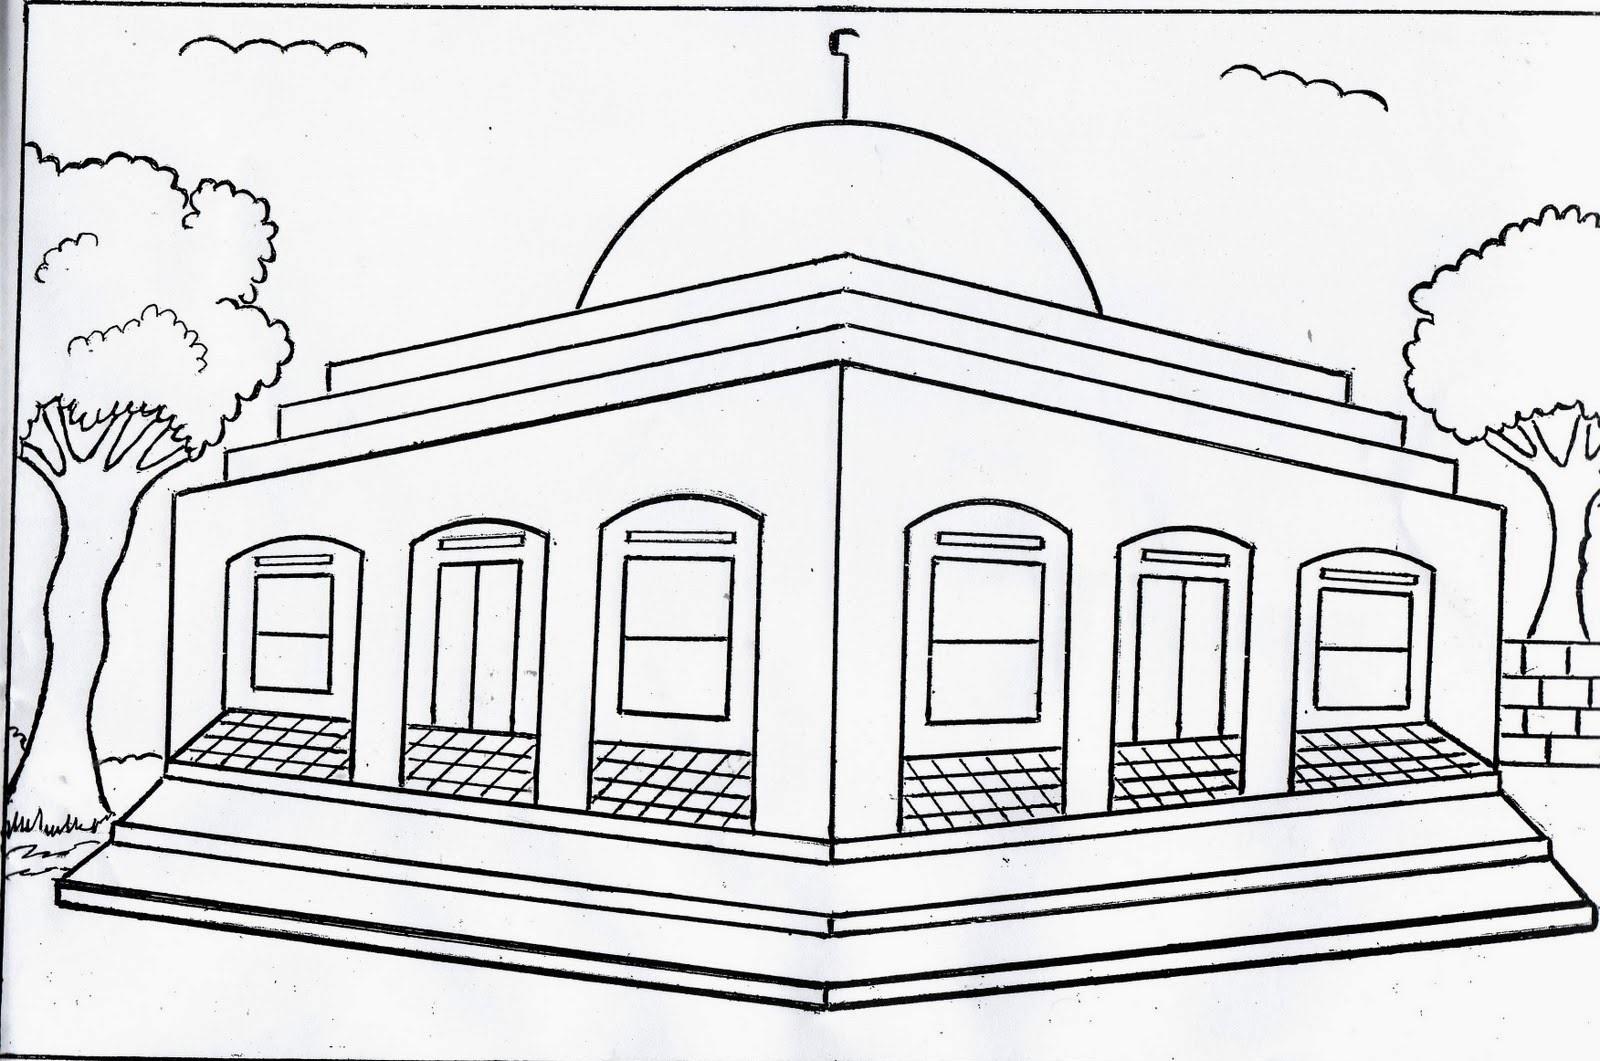 Gambar Mewarnai Islami Anak Tk Dan Sd Terbaru 2019 Marimewarnaicom